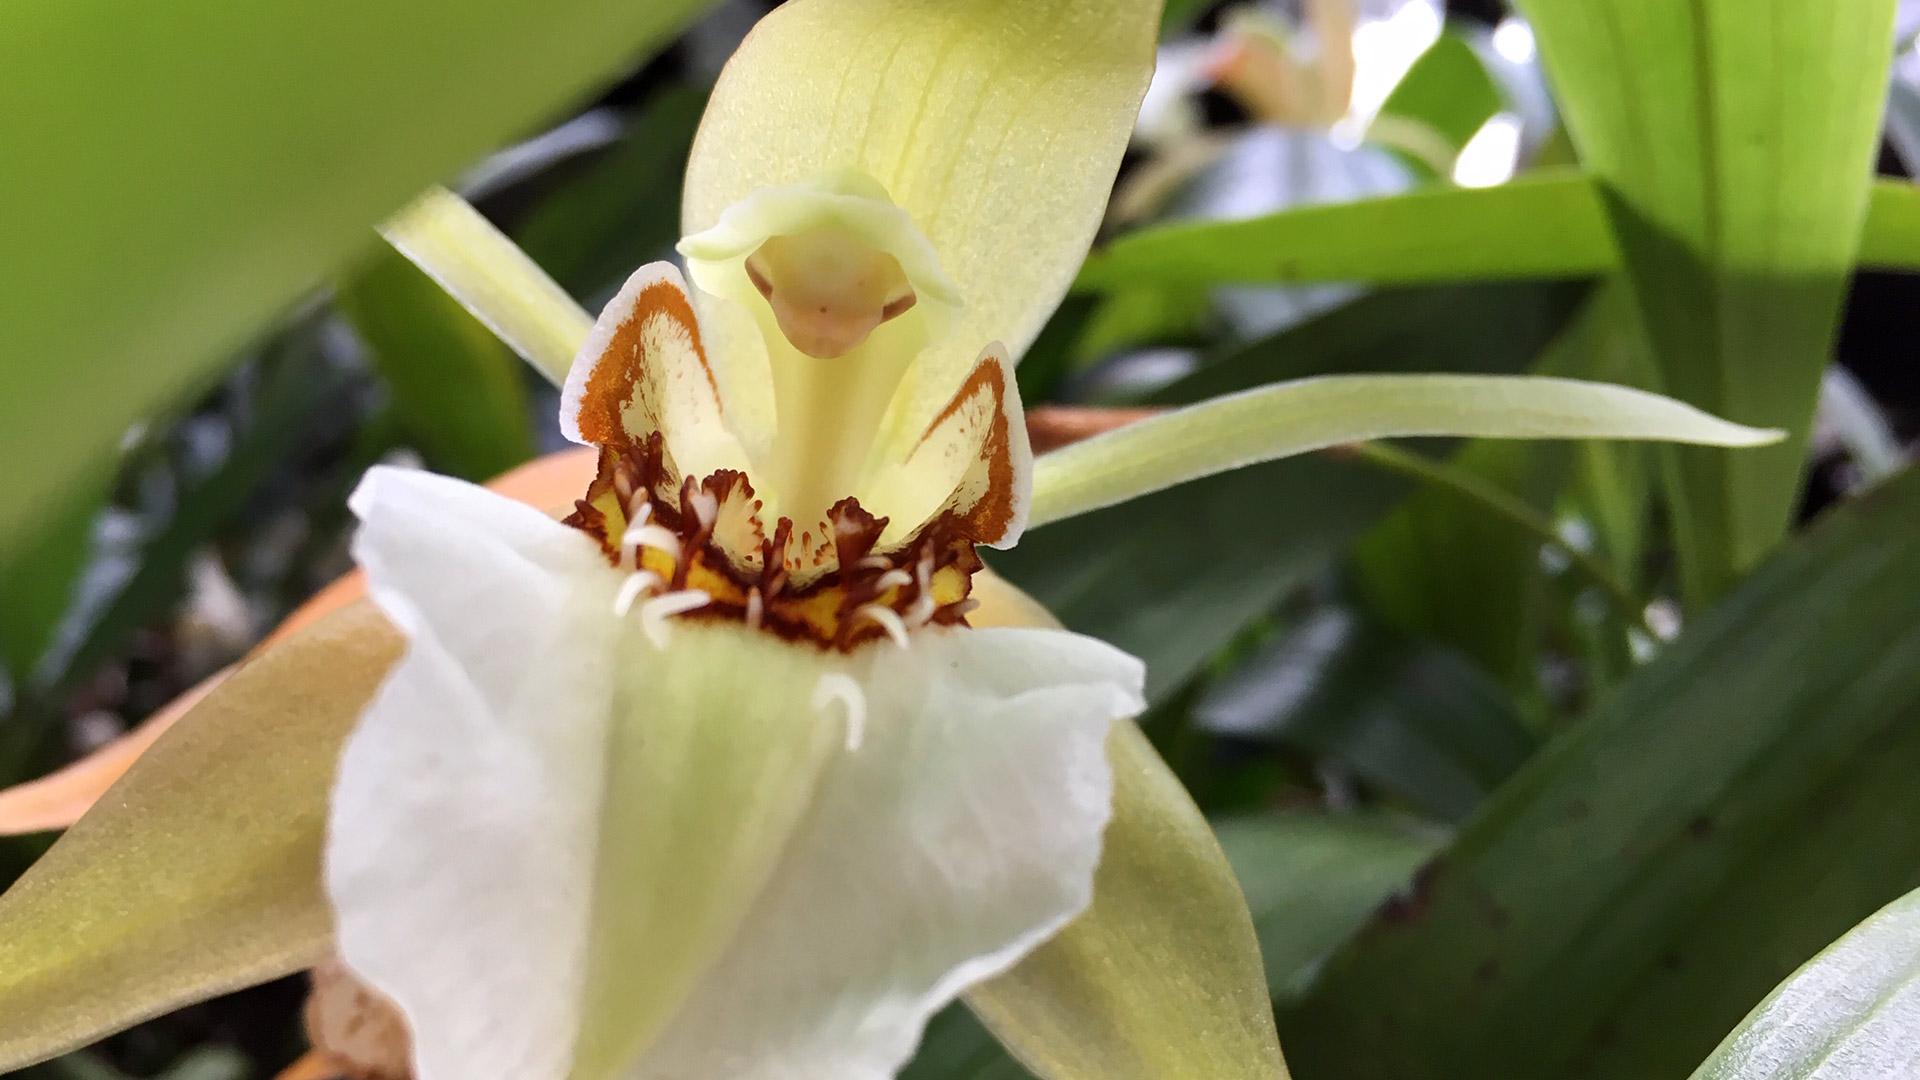 Paixões-botânicas-as-plantas-de-Burle-Ma